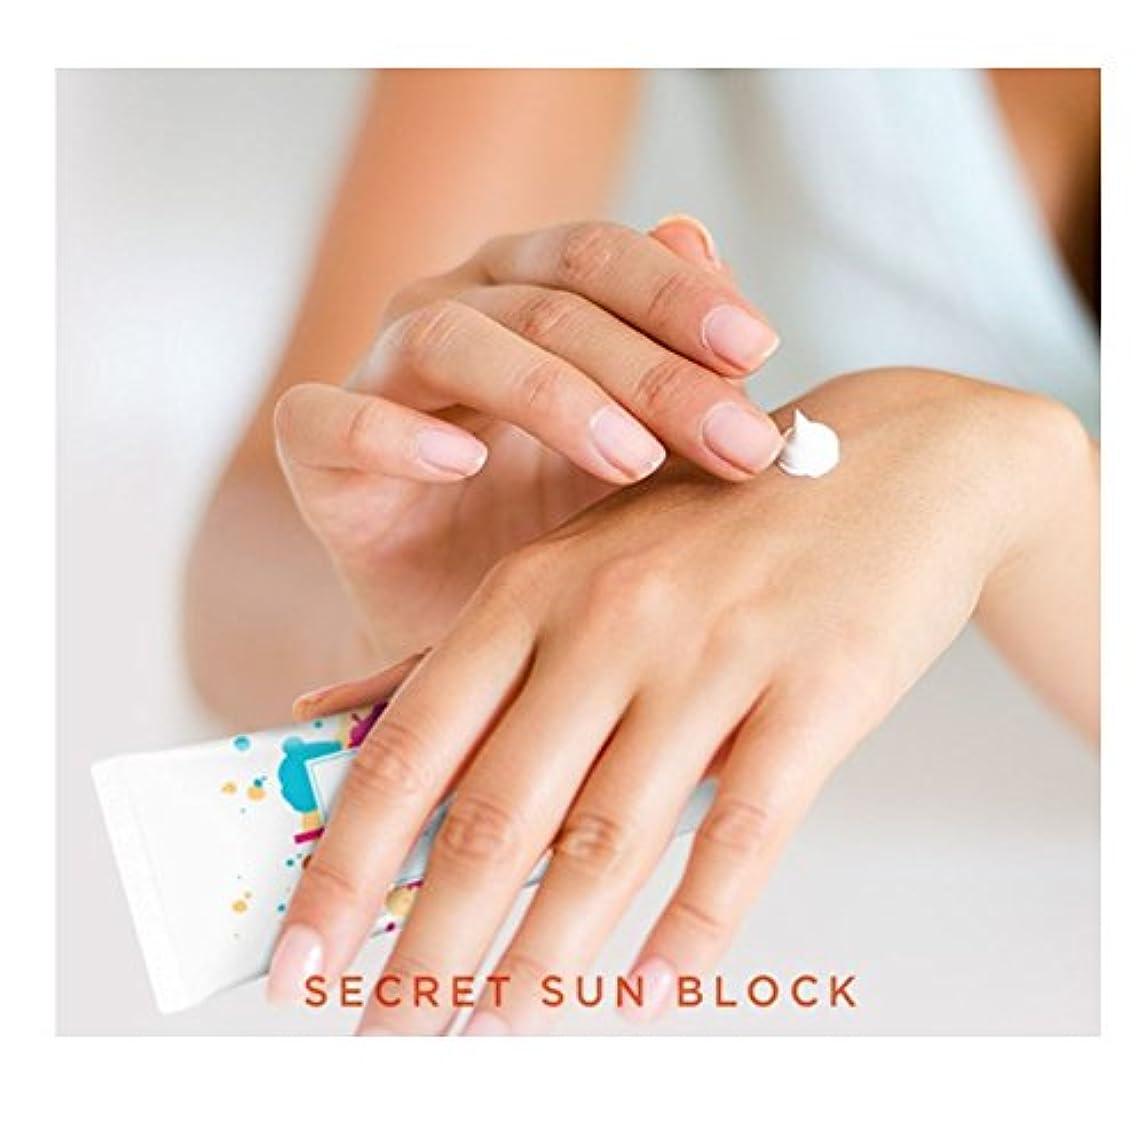 マントルペン騒々しいボンツリーベリー?エッセンス?サンブルロク(SPF50+/PA+++) 50ml x 2本セット サンクリーム 韓国コスメ, Borntree Berry Essence Sun Block (SPF50+/PA+++)...